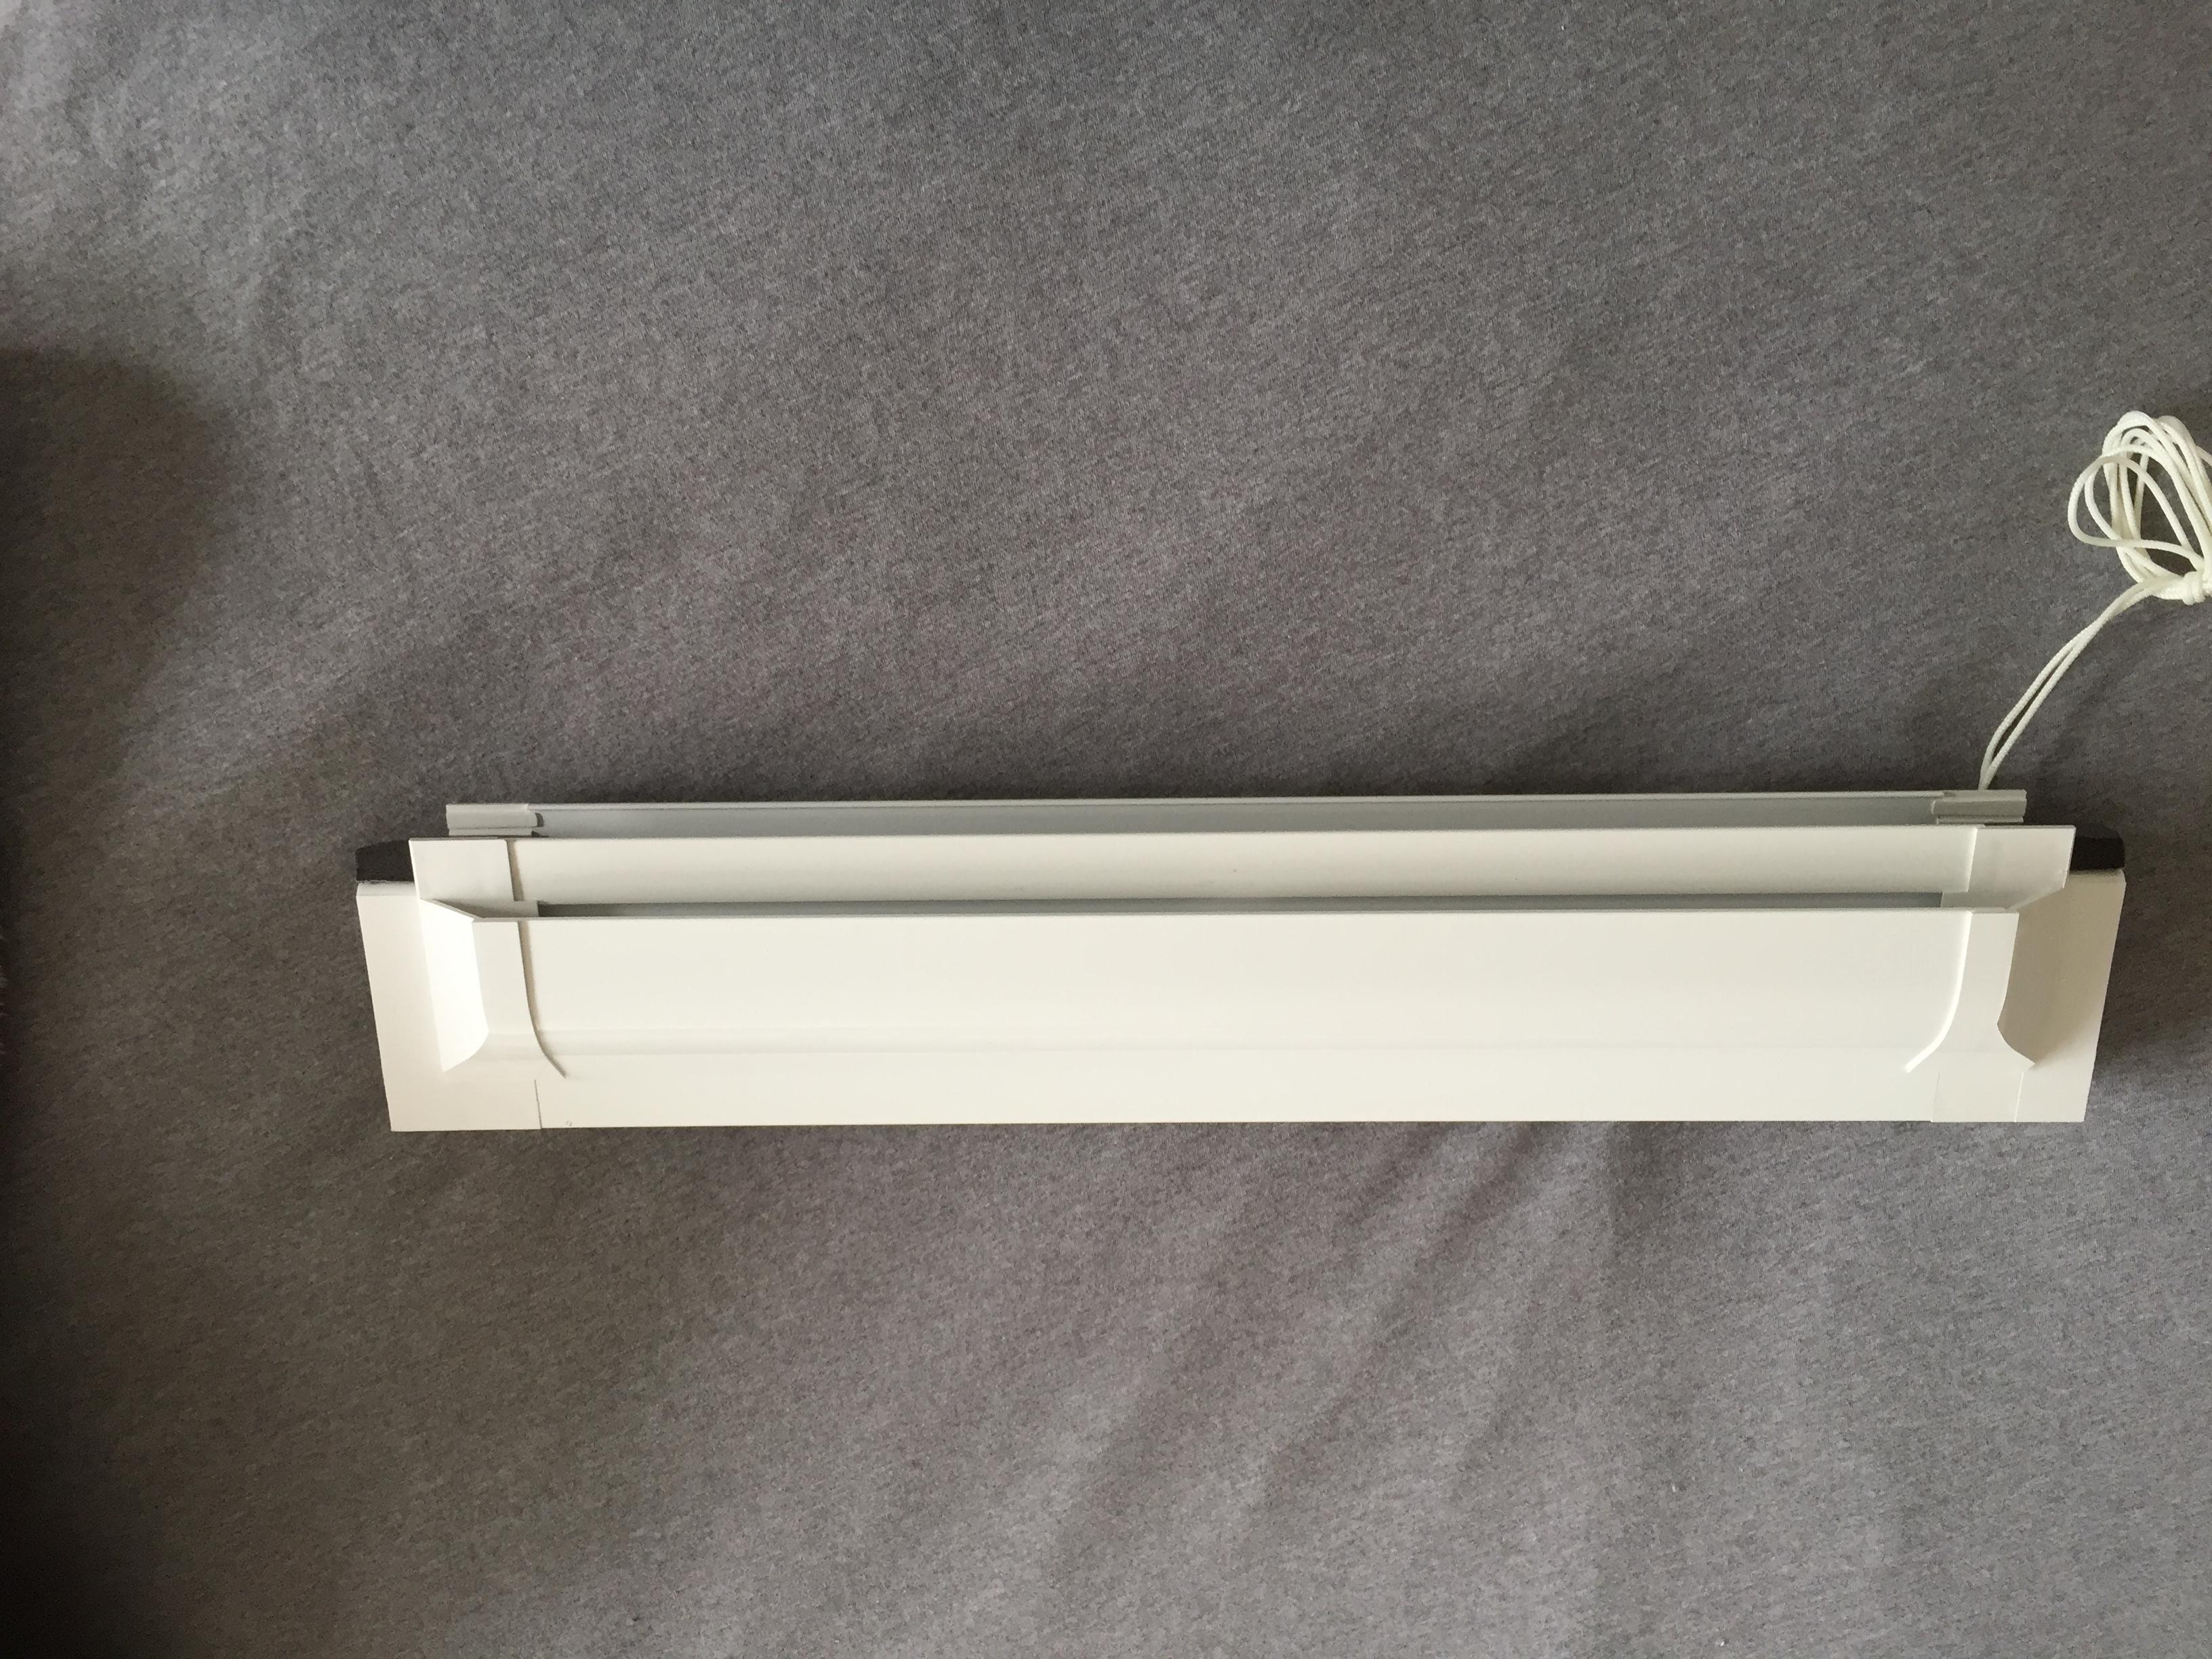 Ventilatierooster in deur maken voordemakers